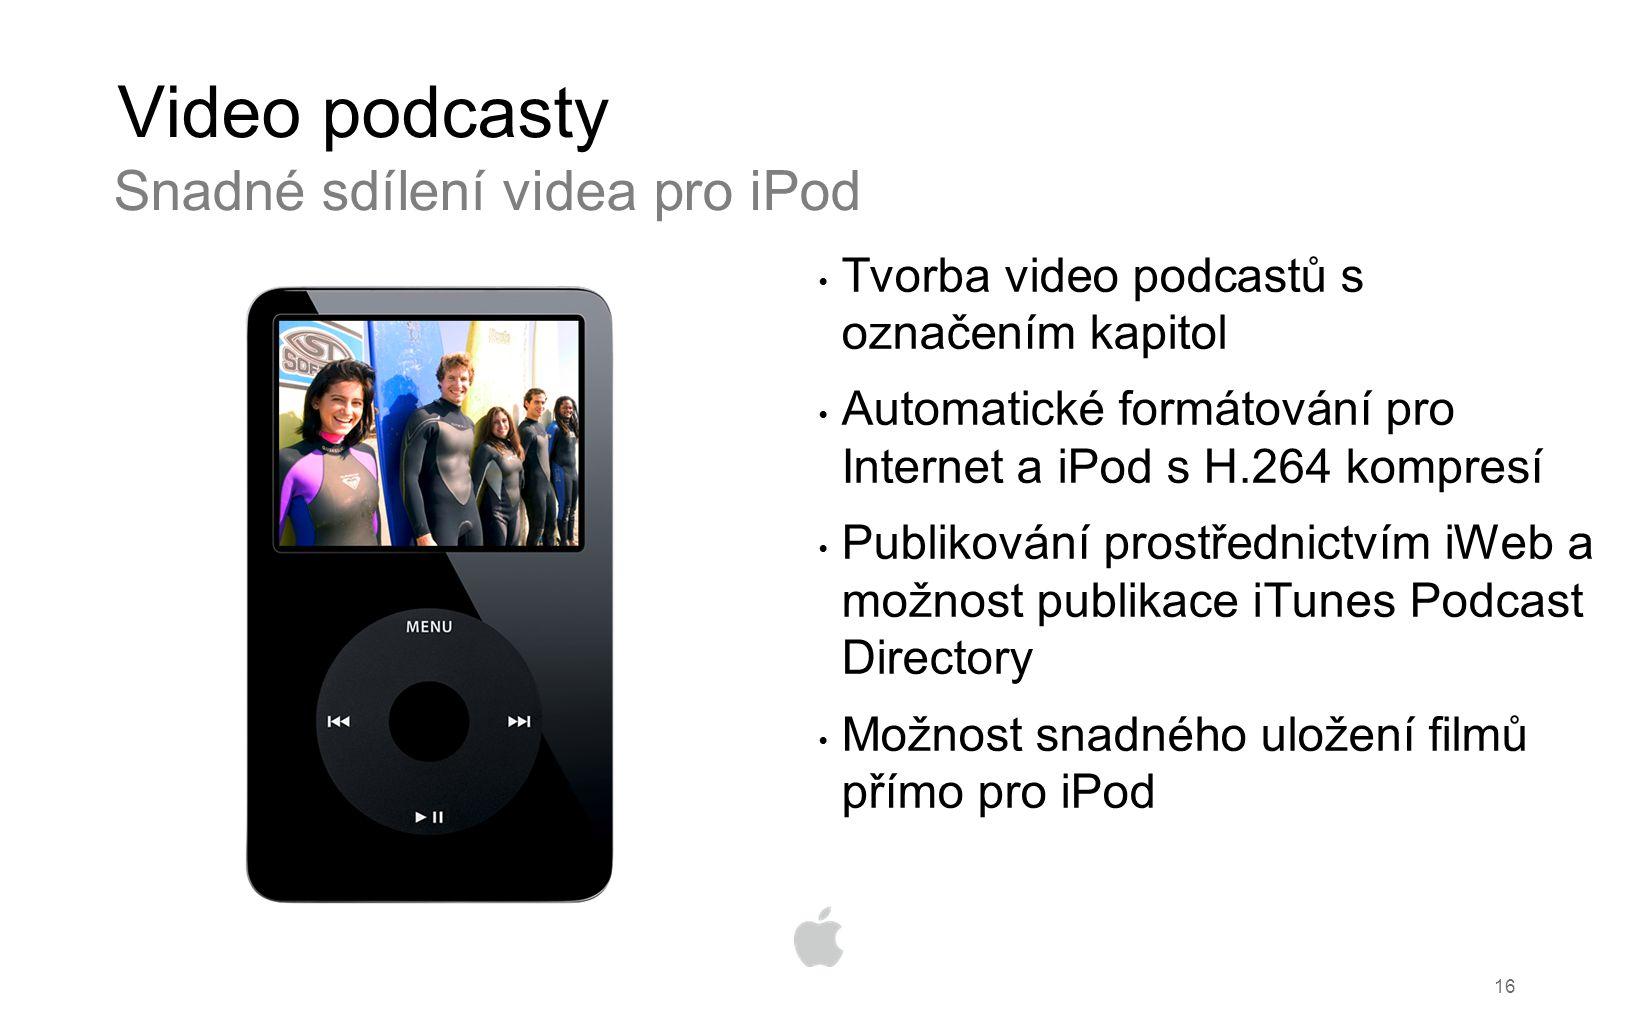 16 Video podcasty Tvorba video podcastů s označením kapitol Automatické formátování pro Internet a iPod s H.264 kompresí Publikování prostřednictvím iWeb a možnost publikace iTunes Podcast Directory Možnost snadného uložení filmů přímo pro iPod Snadné sdílení videa pro iPod